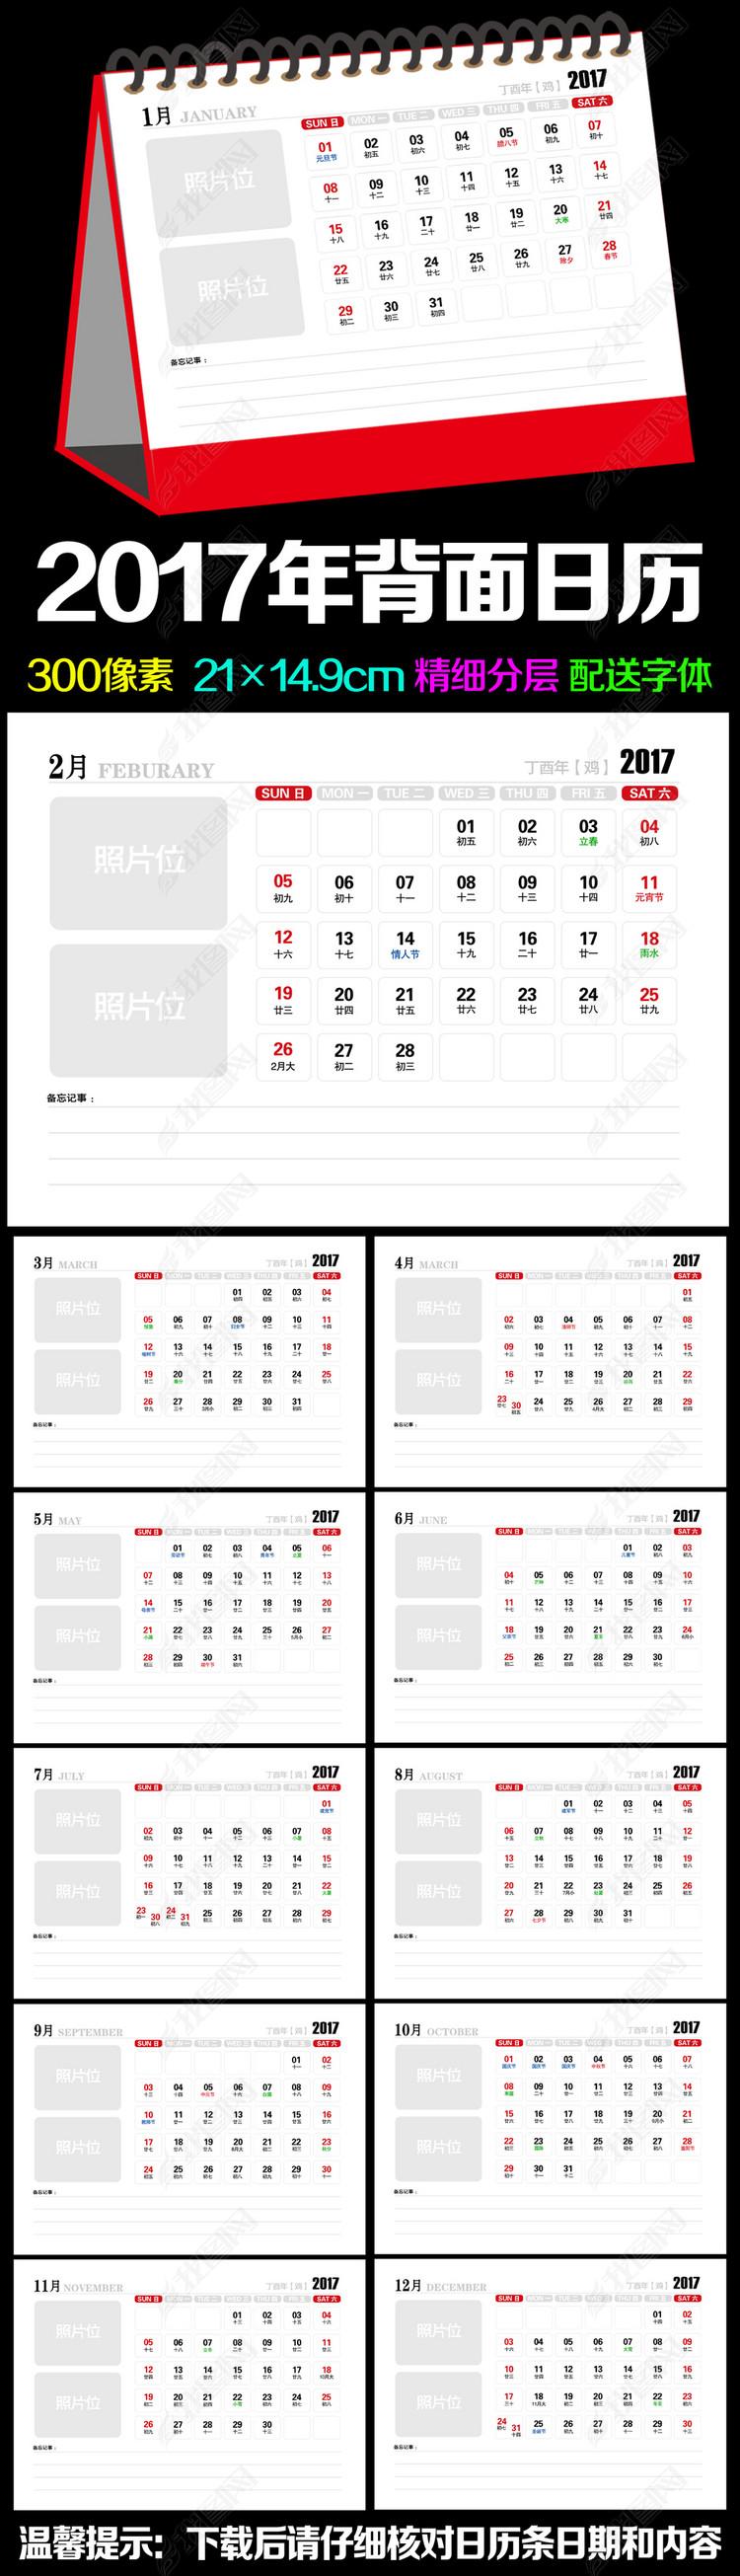 2017年鸡年台历挂历长型背面日历条17